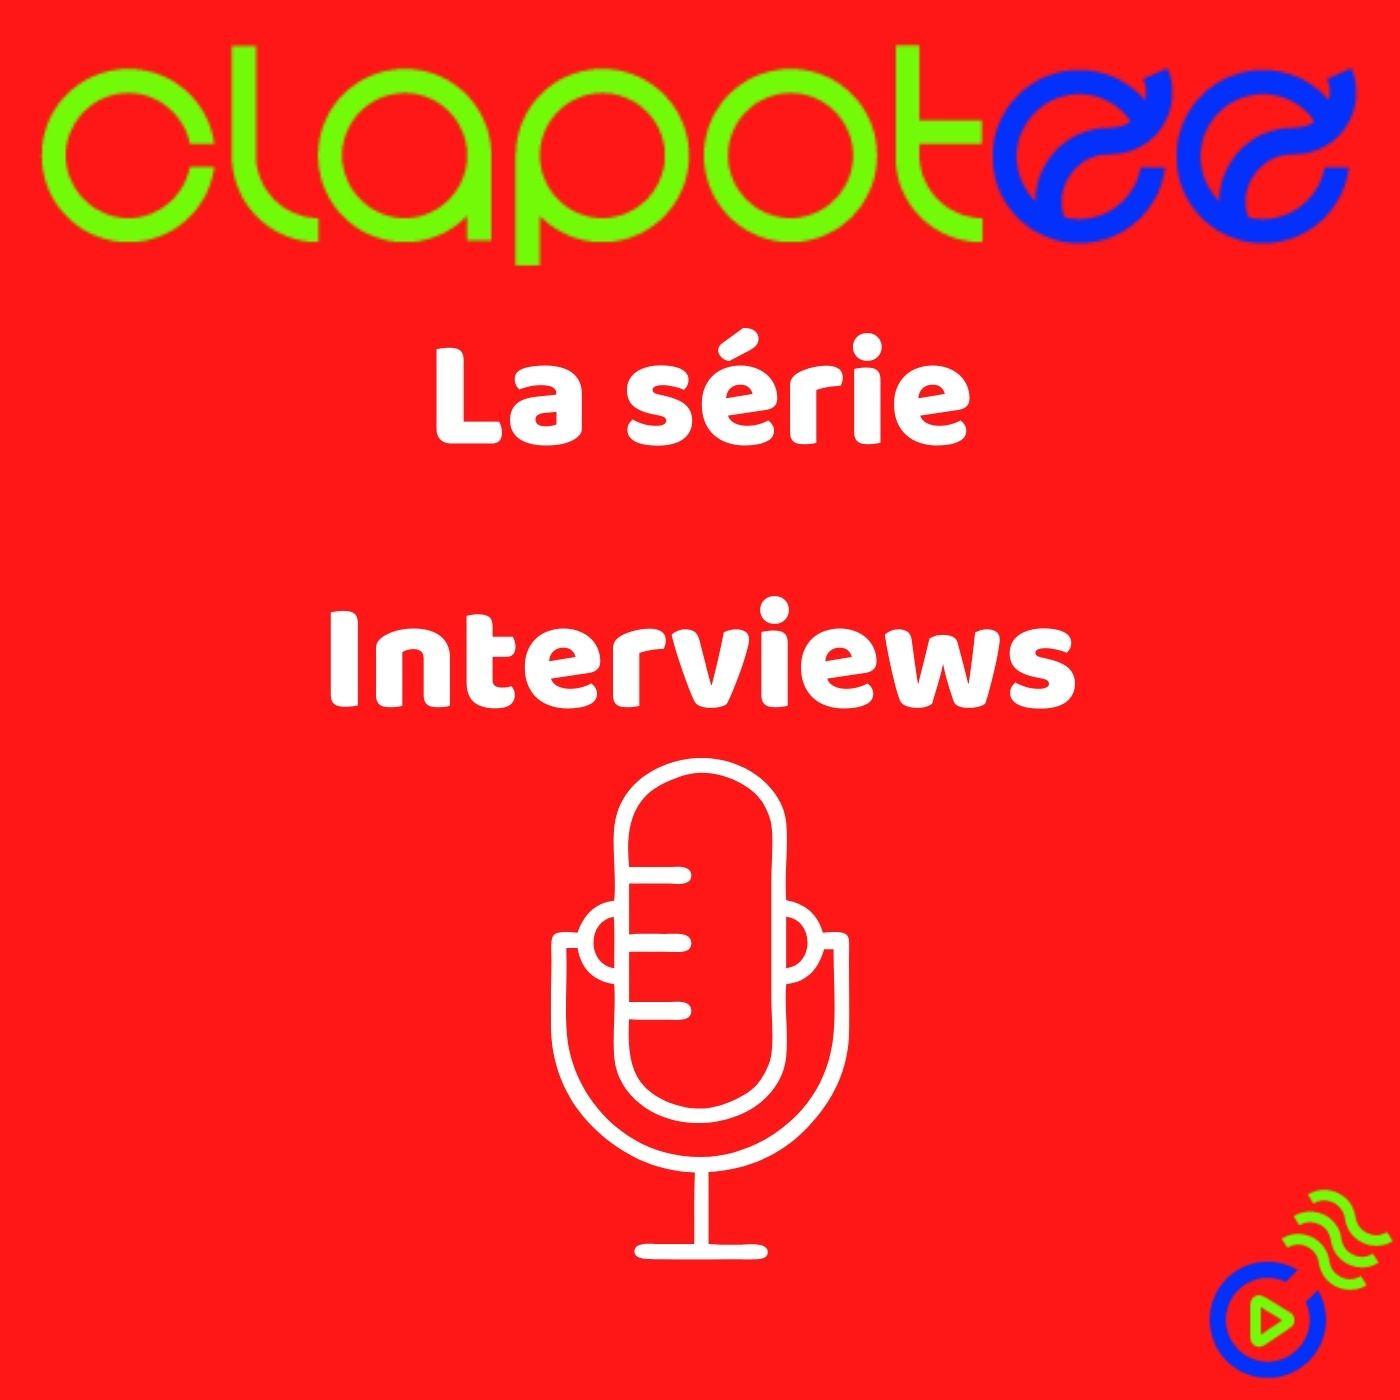 FRANÇAIS - Interviews